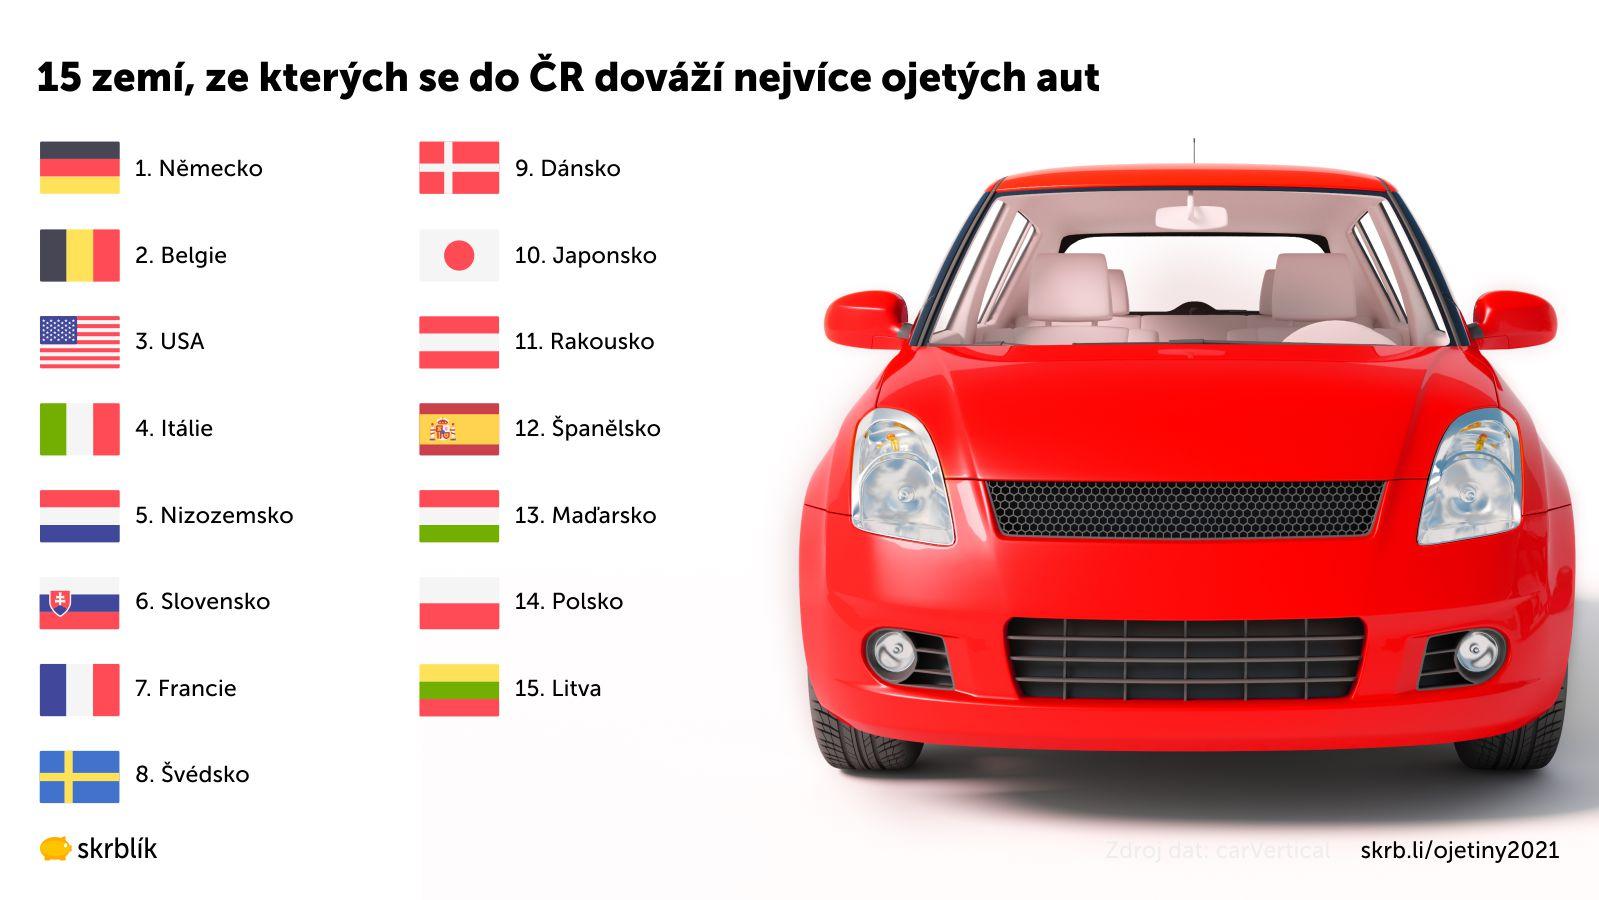 15 zemí, ze kterých se do ČR dováží nejvíce ojetých aut